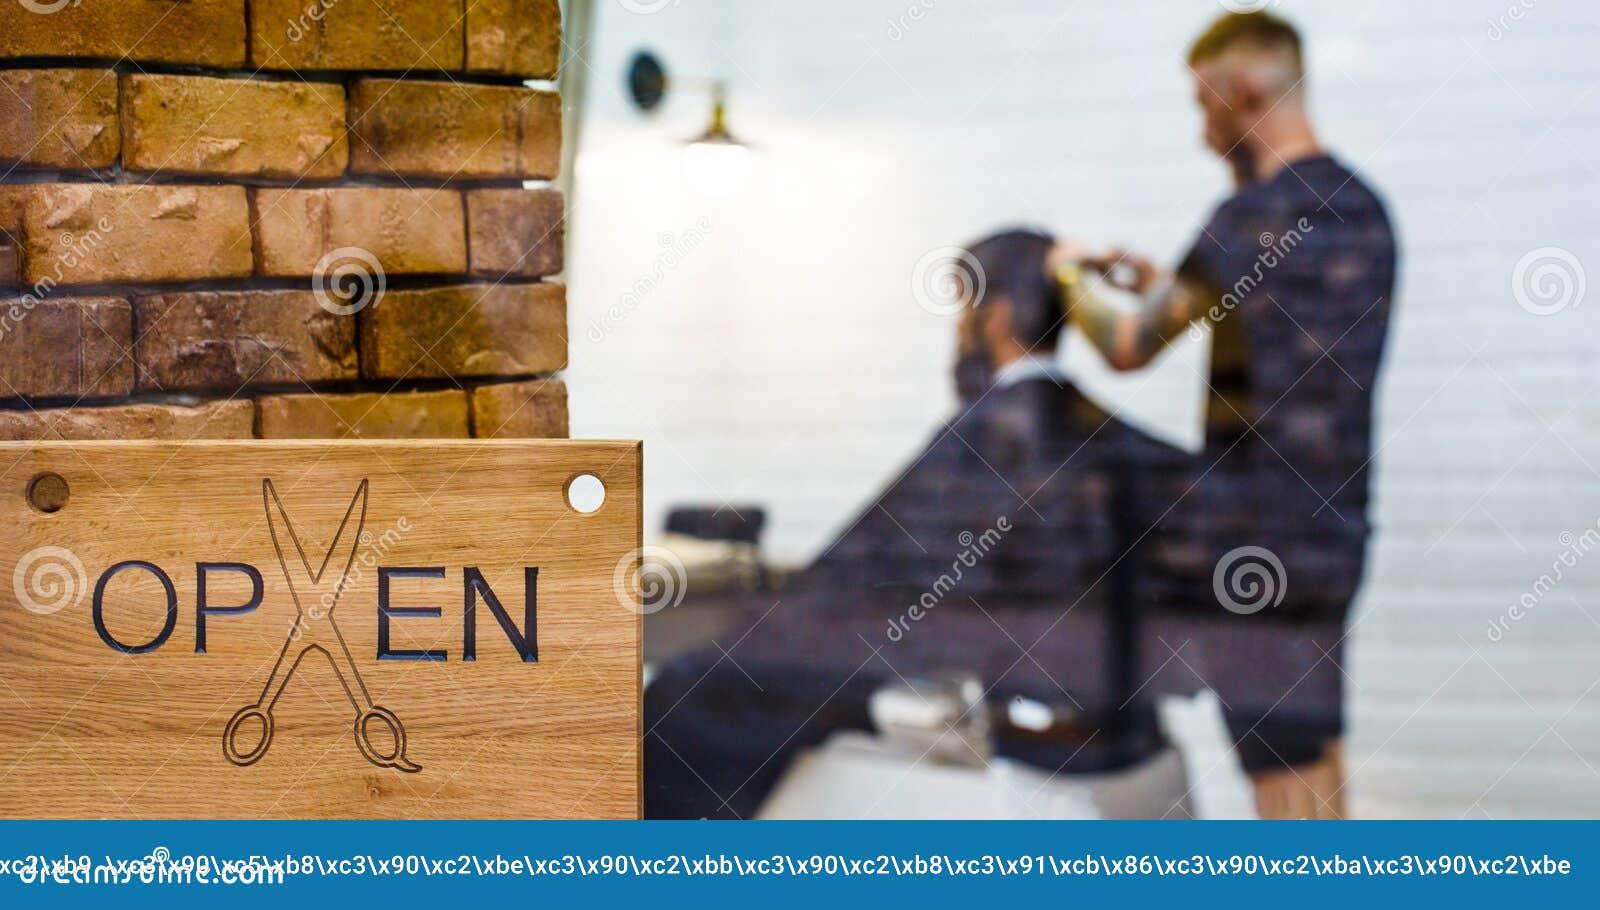 Frisersalongsalong Öppen barder shoppar Frisör eller barberare Mannen som besöker frisören i barberare, shoppar Man med skägget i